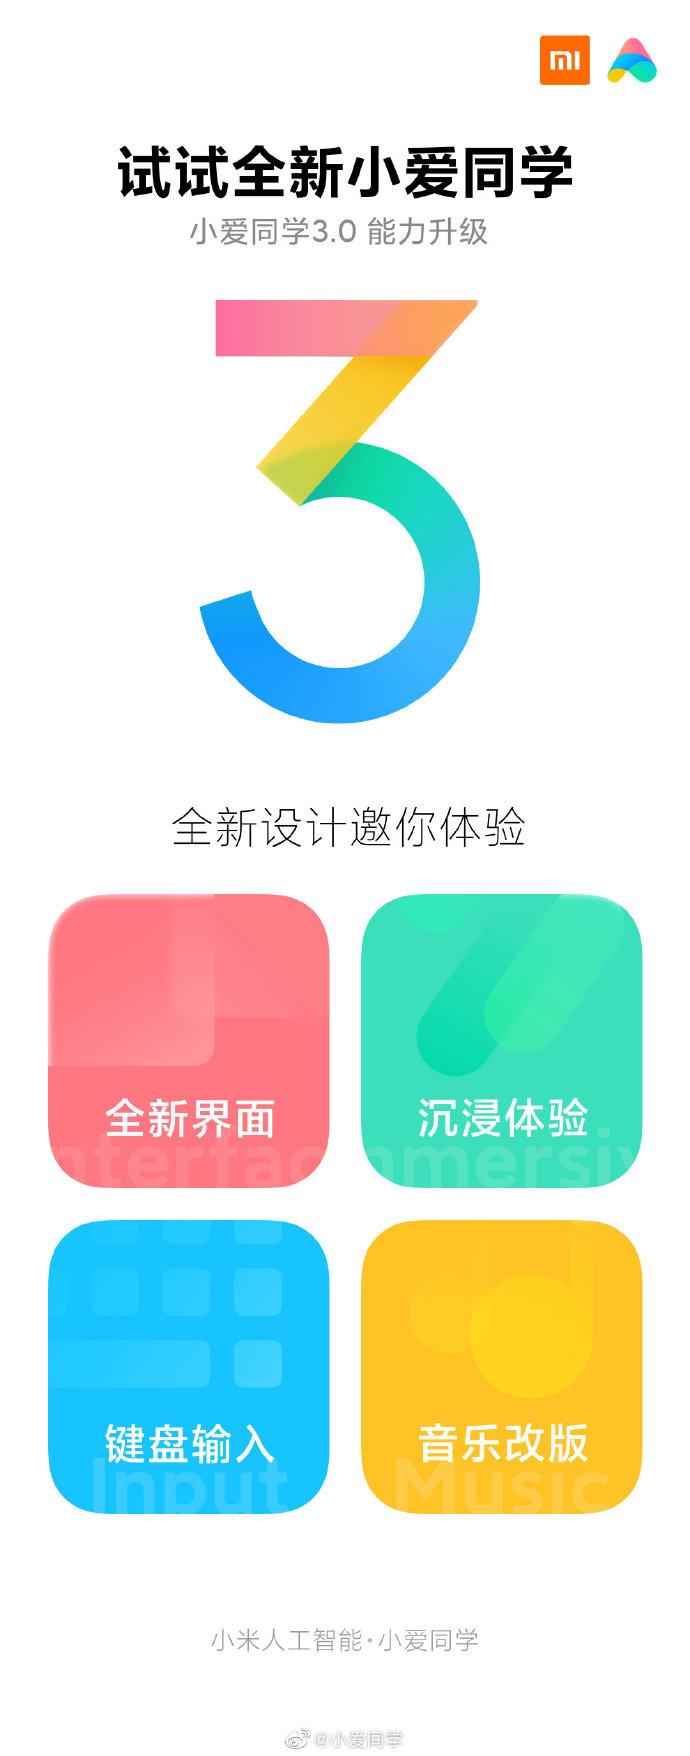 小米小爱同学3.0今日启动第一阶段内测